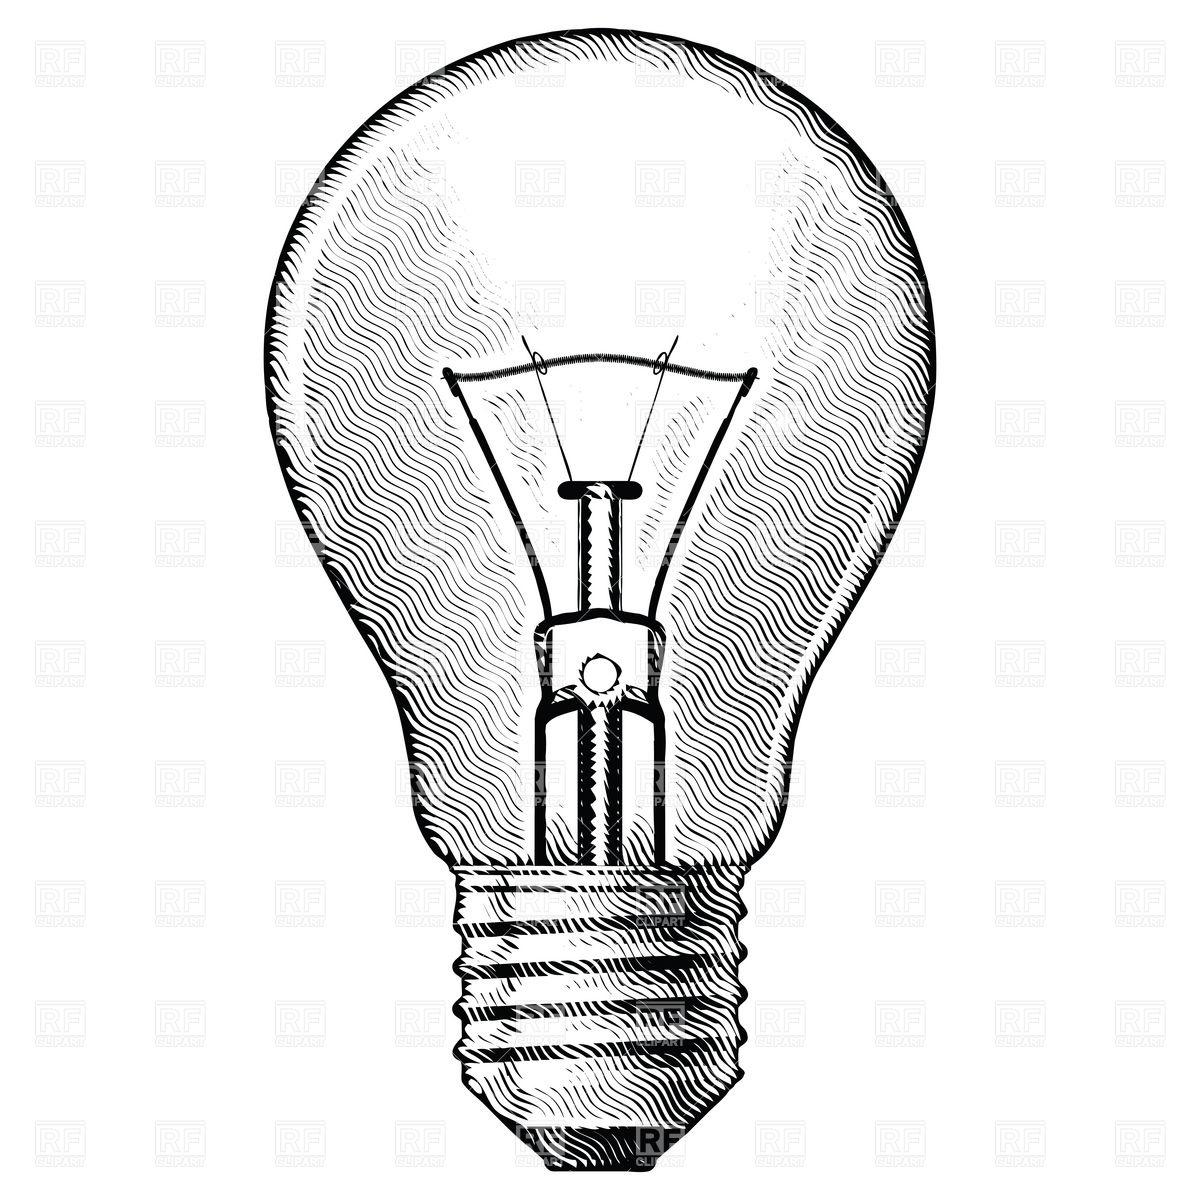 Drawn lamps Lightbulb Pinterest Tattoo Bulb DrawingLightbulb